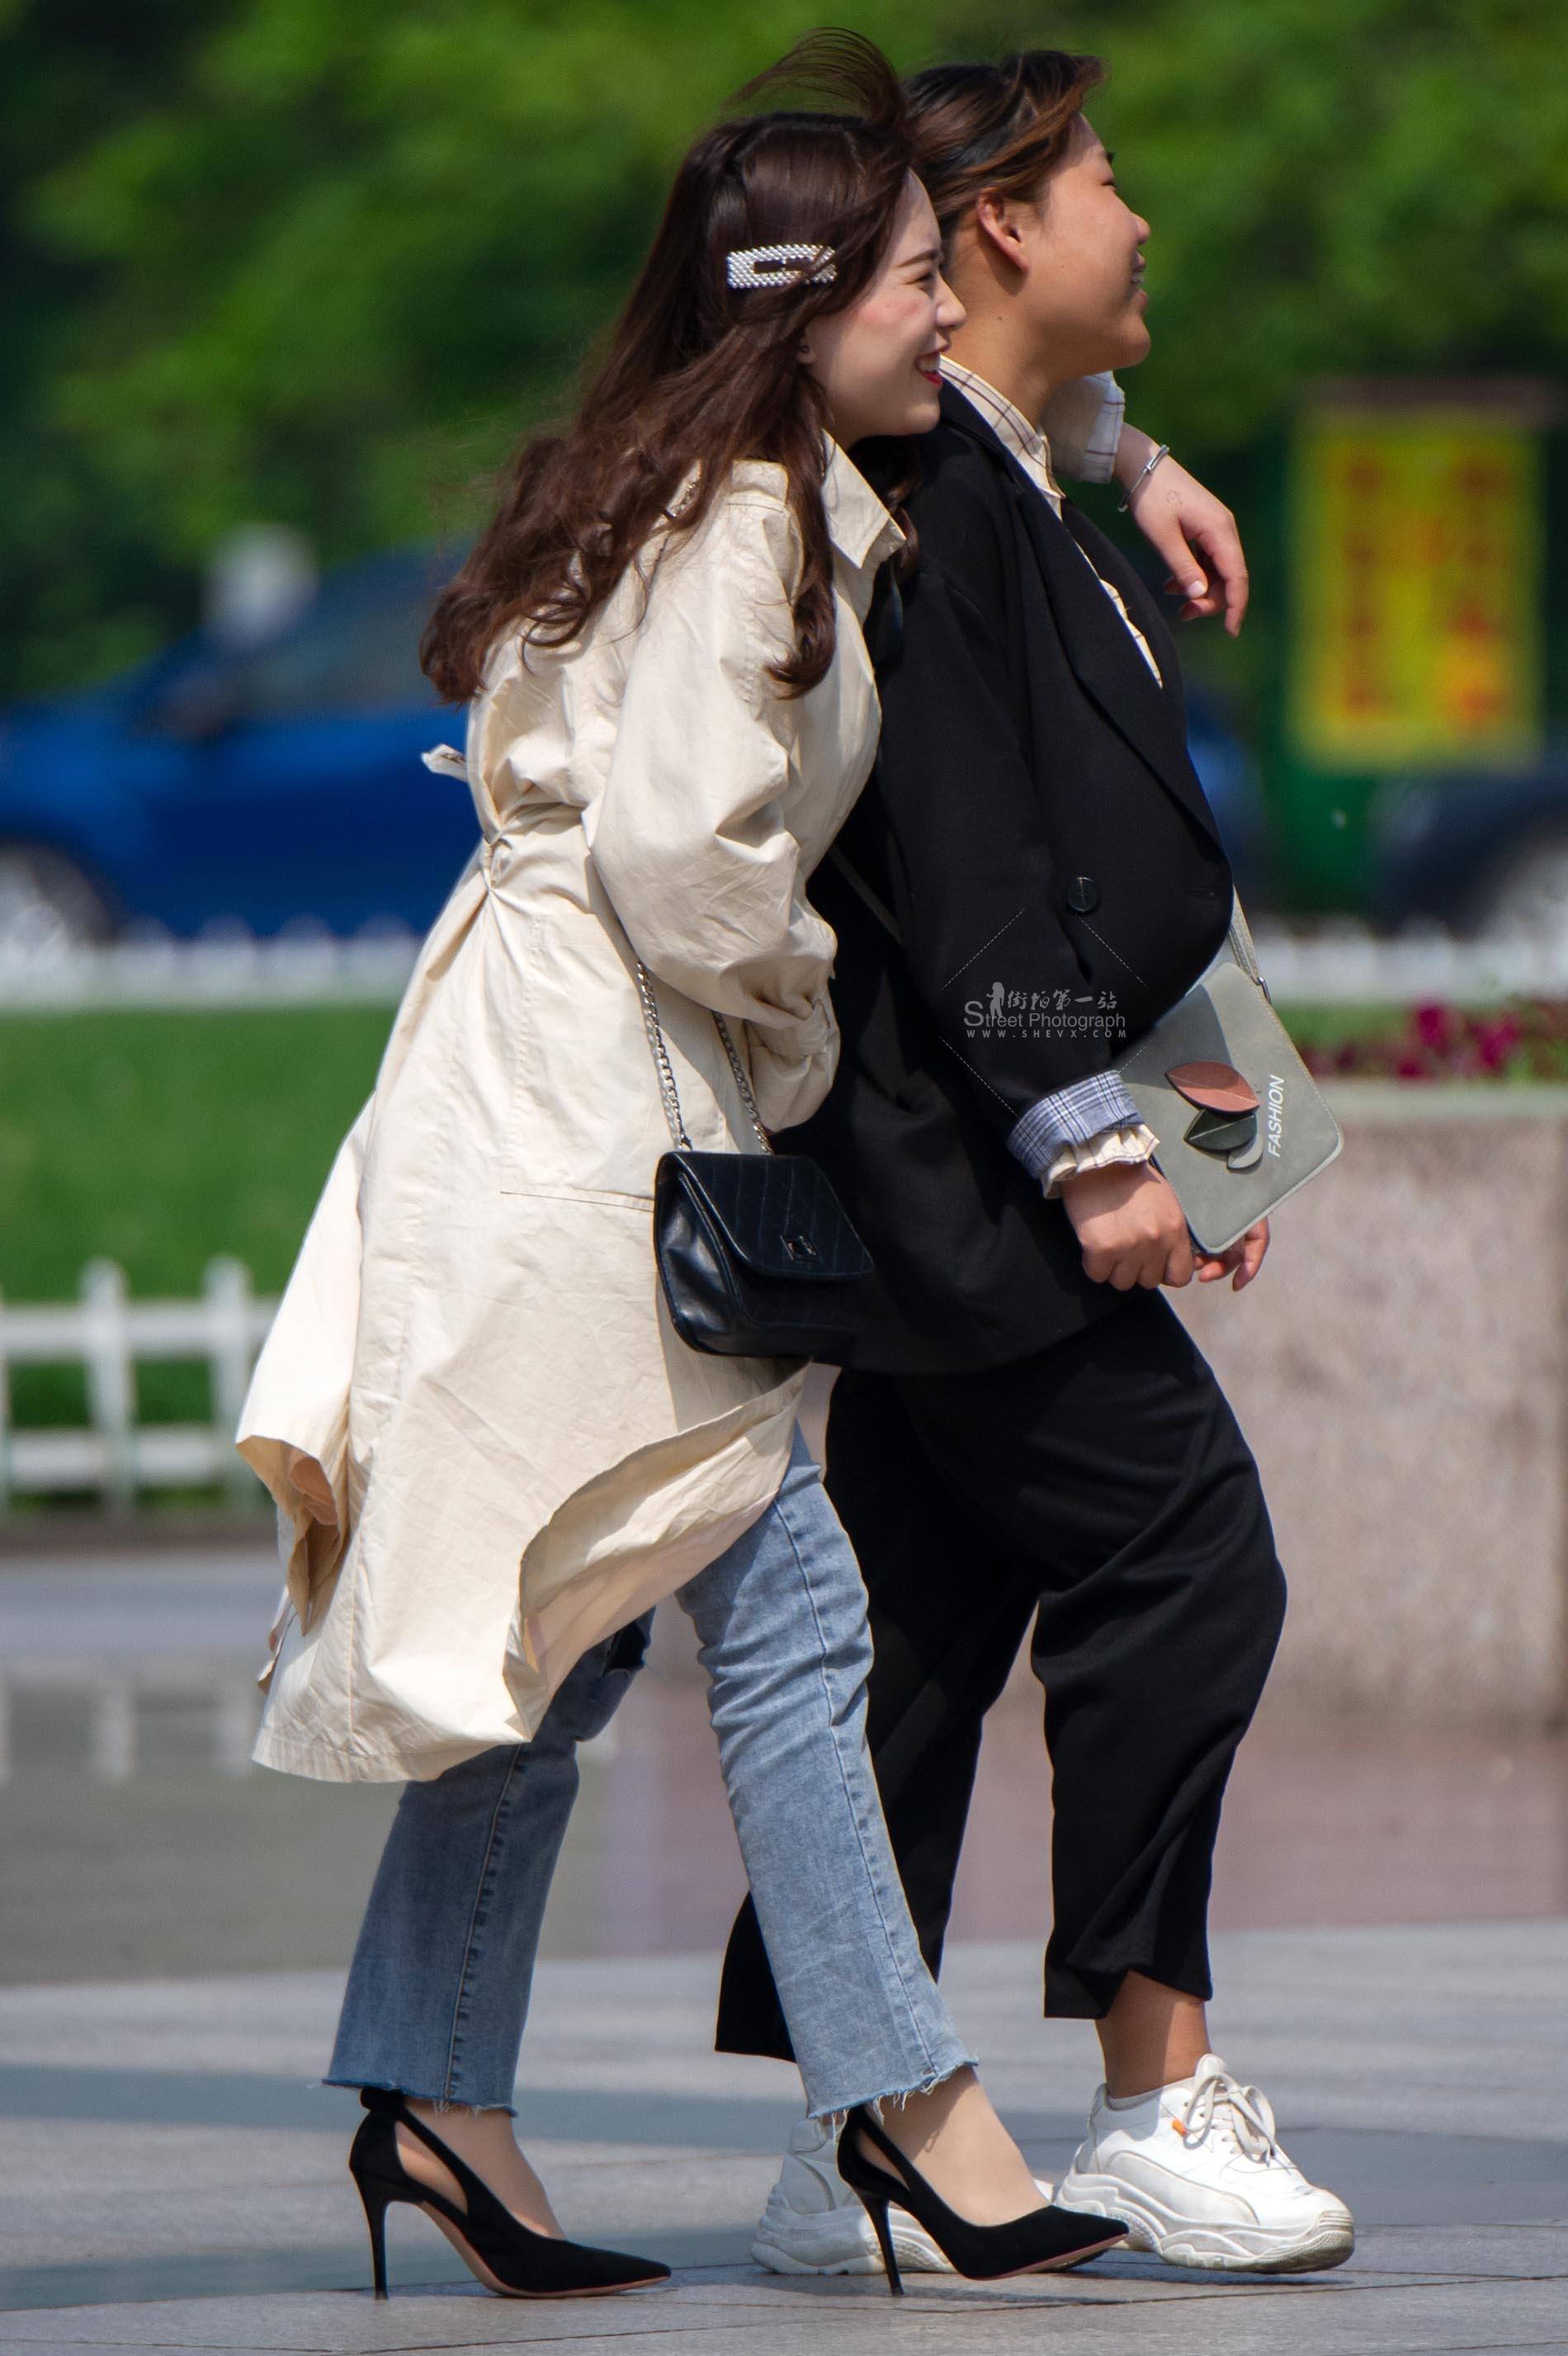 街拍丝袜,街拍高跟 【原创】 丝袜高跟妹纸笑得很开心【11P】 最新街拍丝袜图片 街拍丝袜第一站